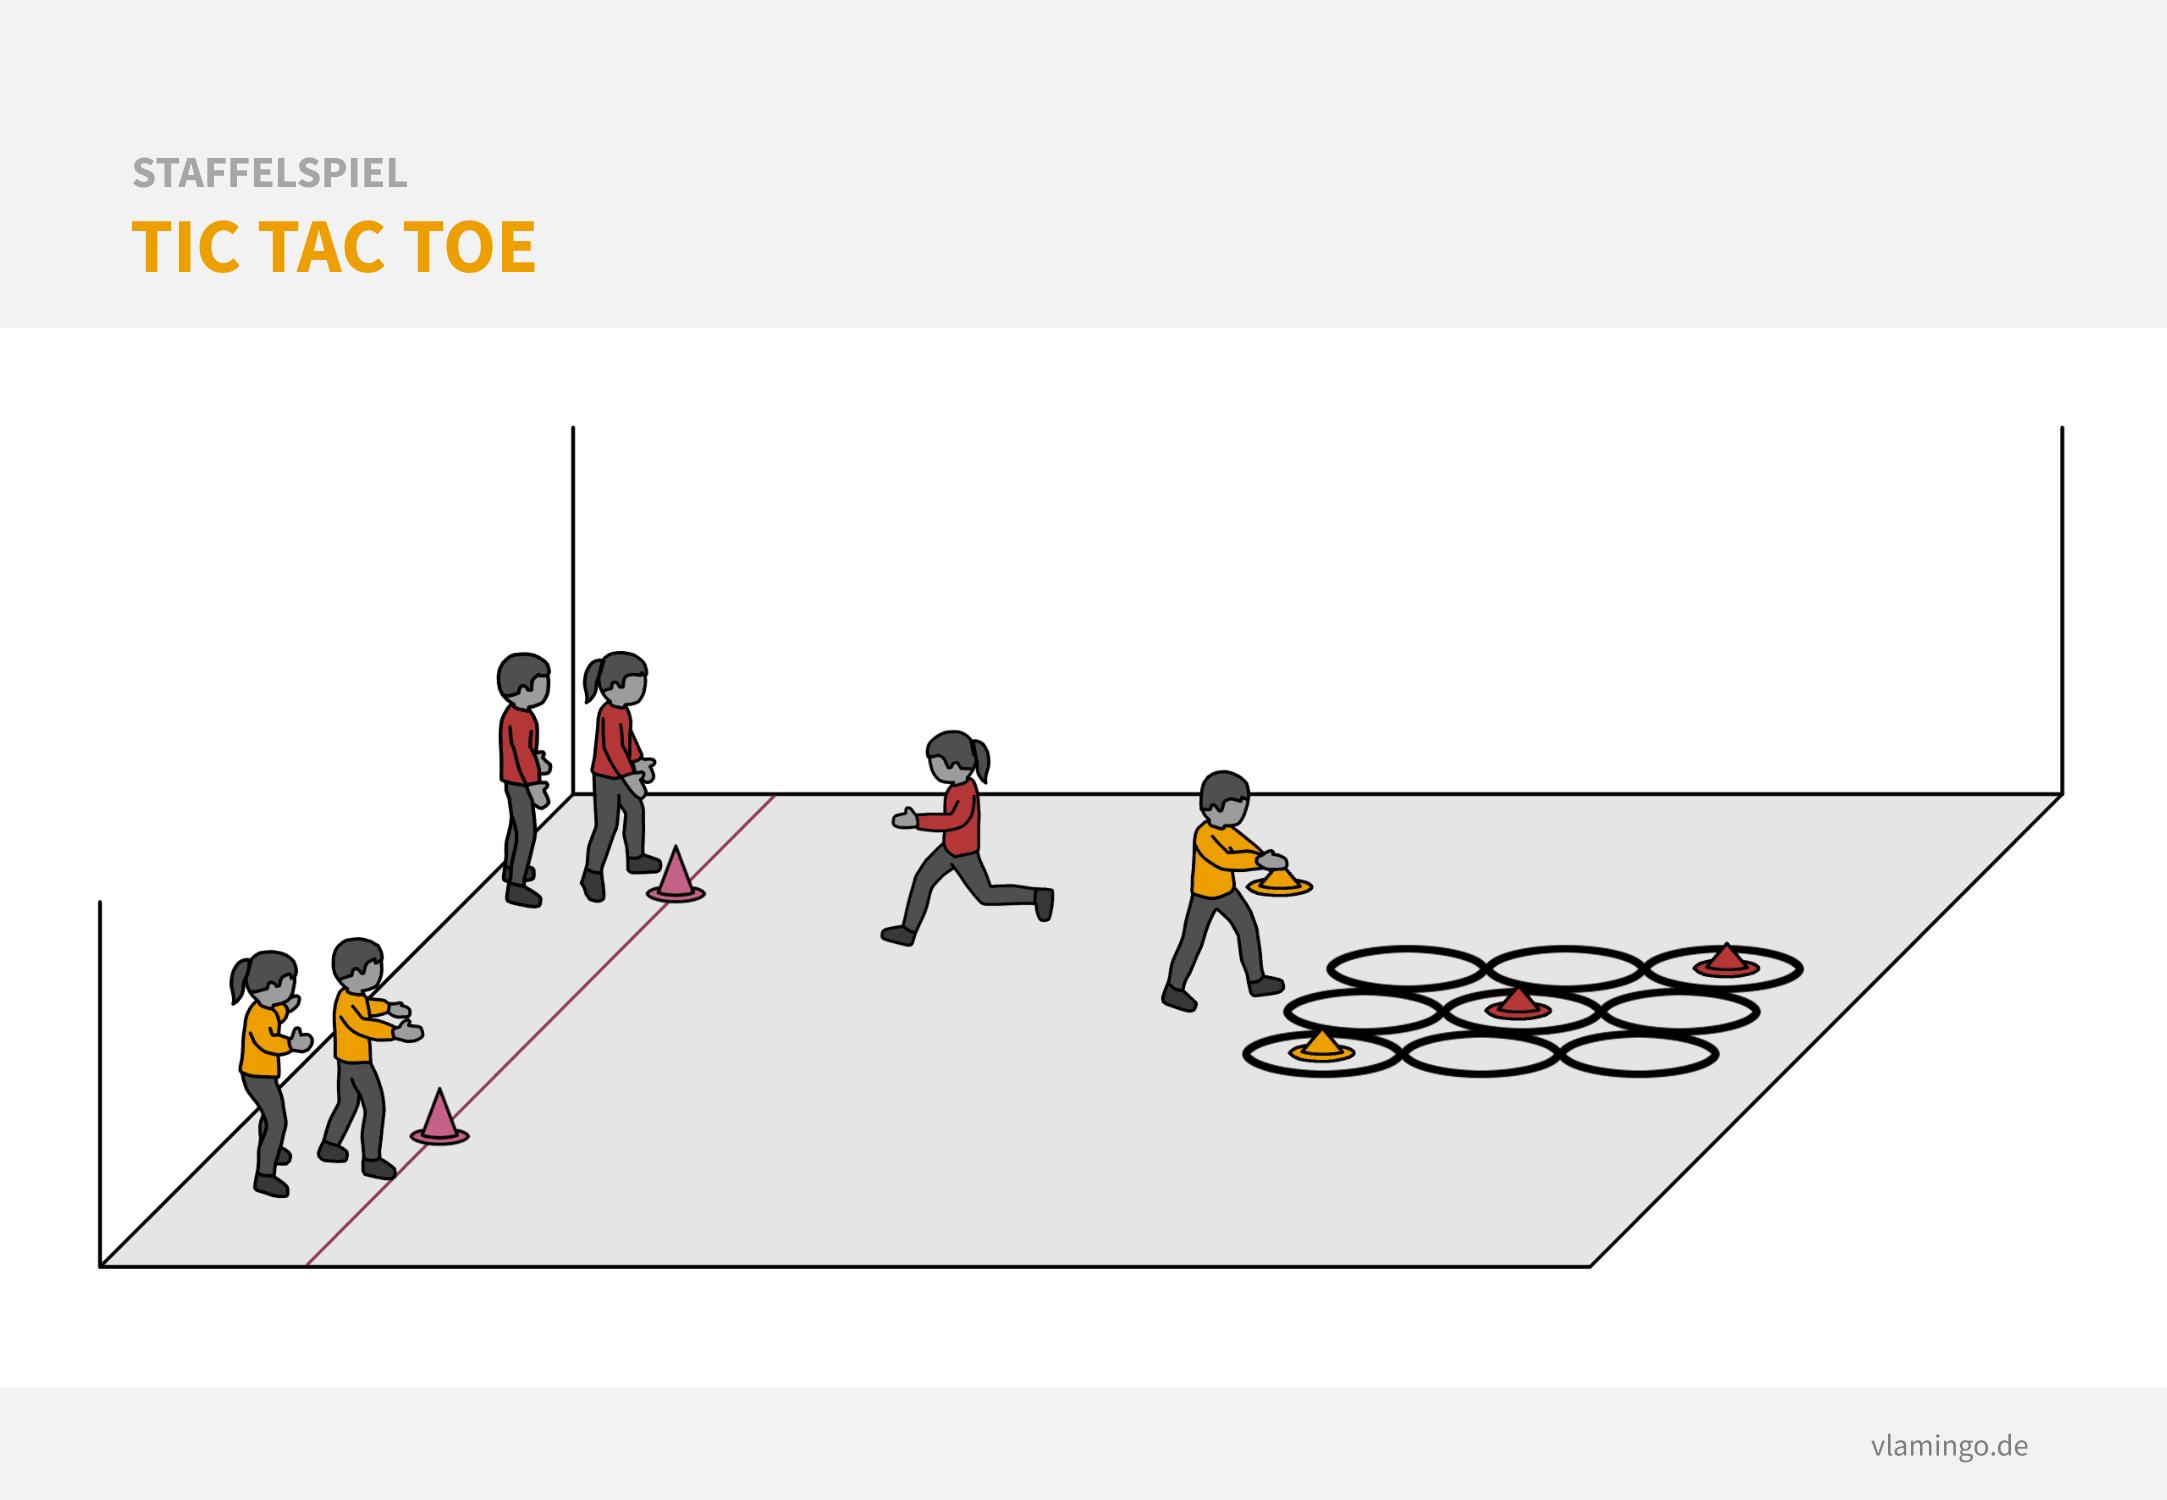 Staffelspiel - Tic Tac Toe